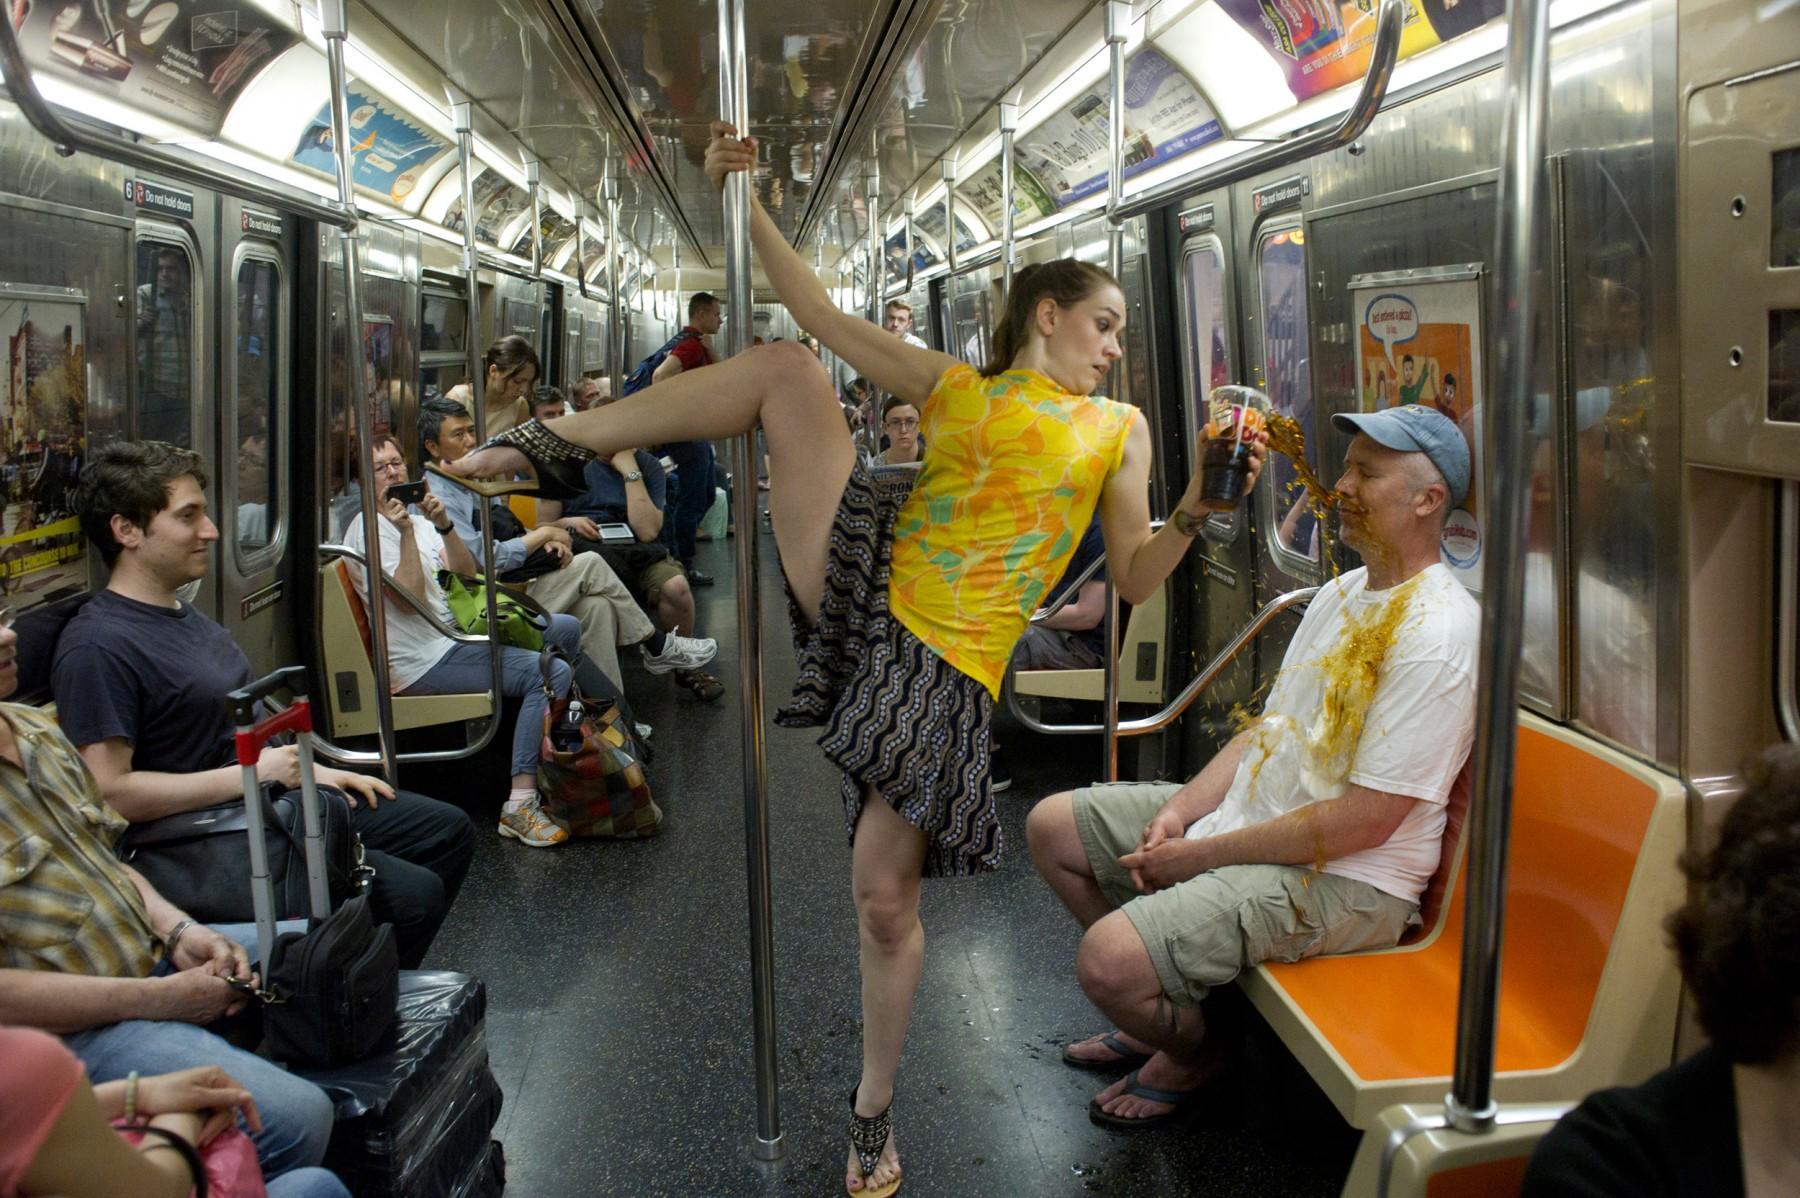 Рассказы в автобусе секс, Случайный секс в автобусе Похожие Истории 25 фотография